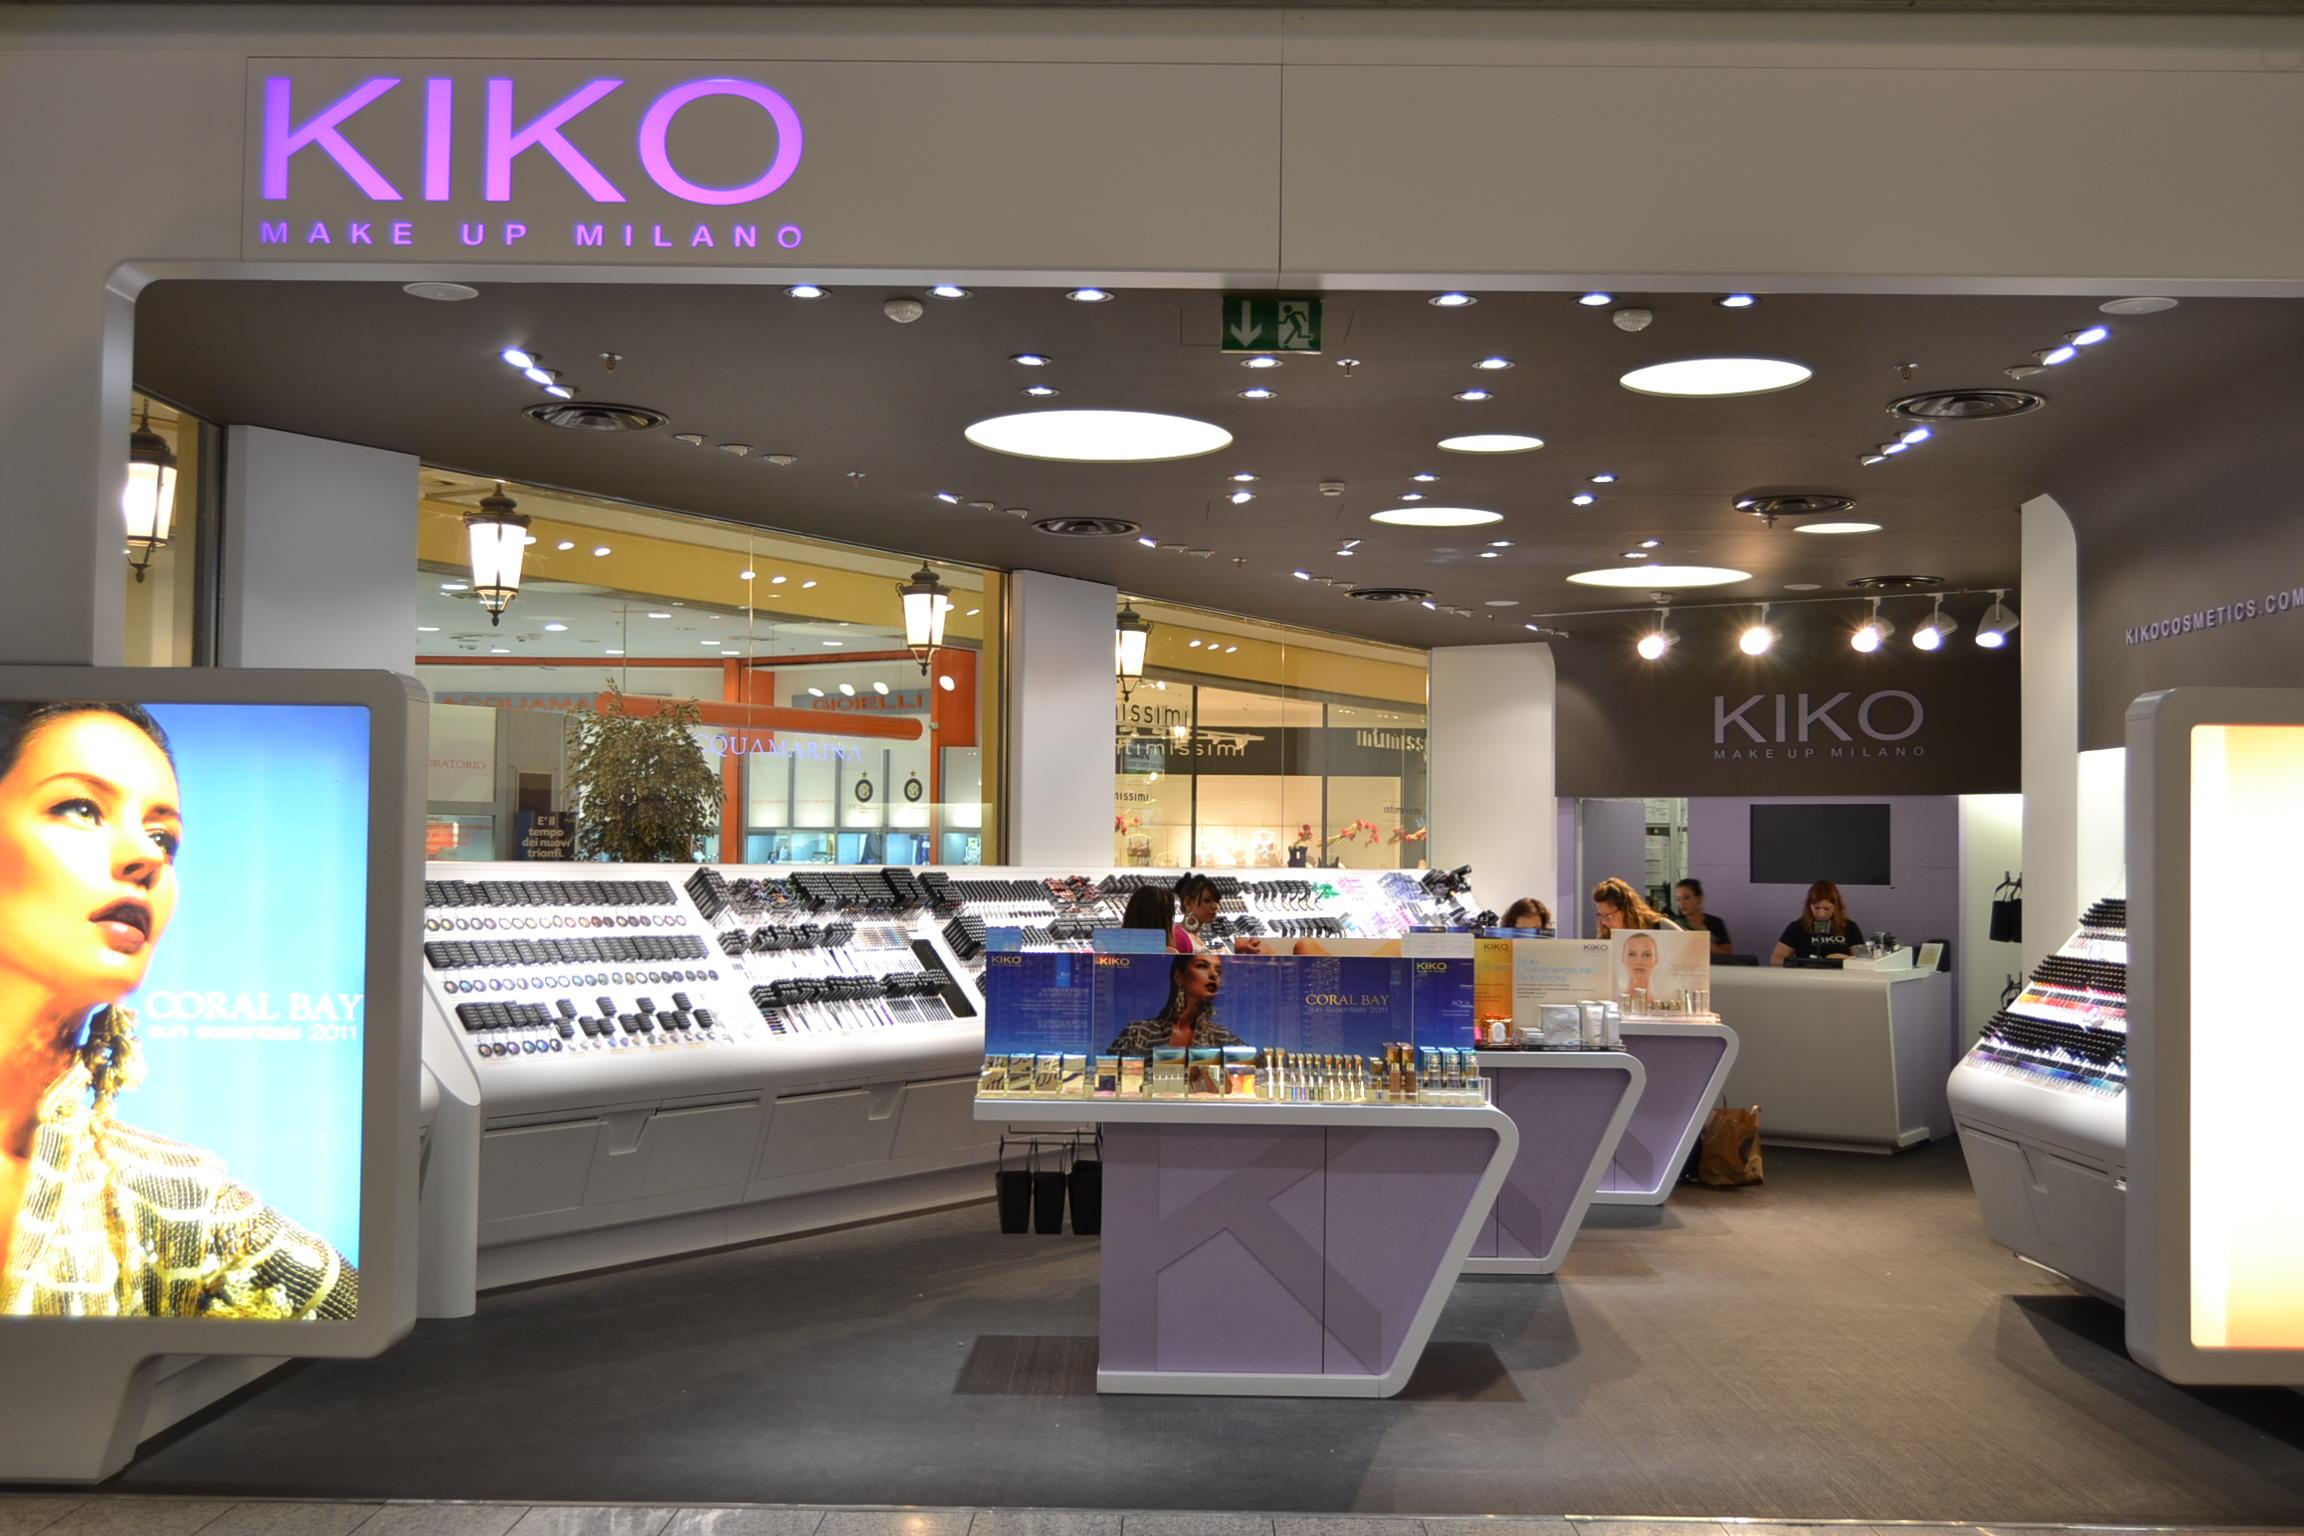 offerte lavoro make up artist kiko roma 2015